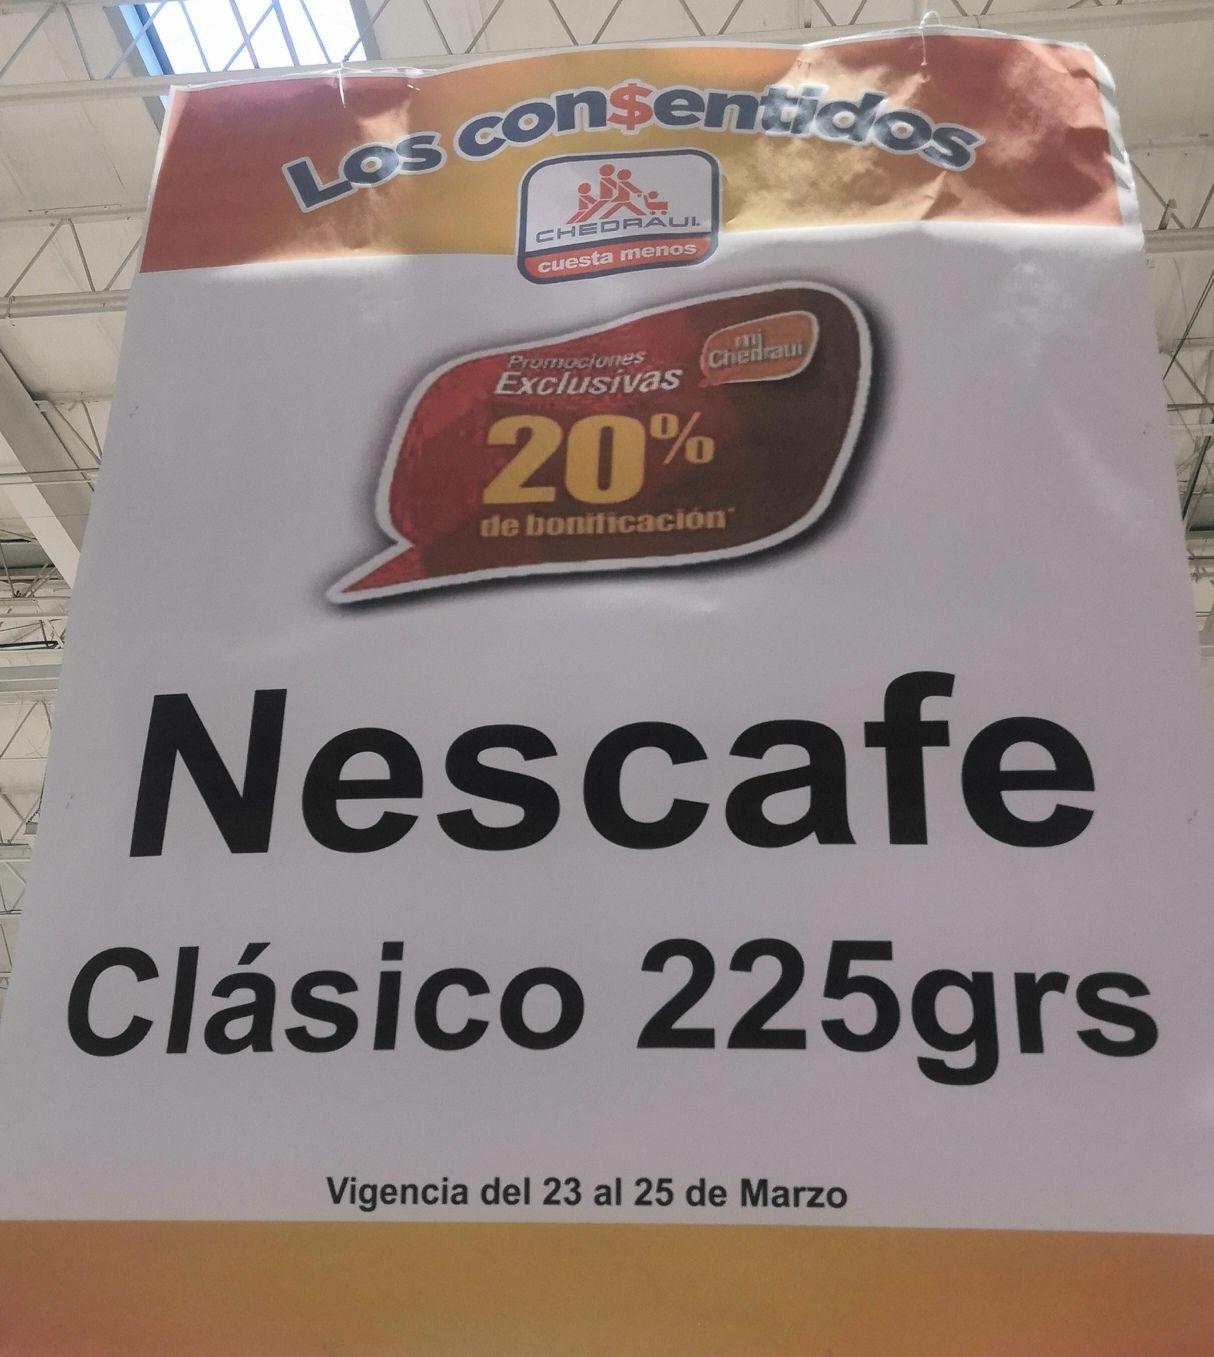 Chedraui: 20% de bonificación en Monedero en Nescafé Clásico 225 g.